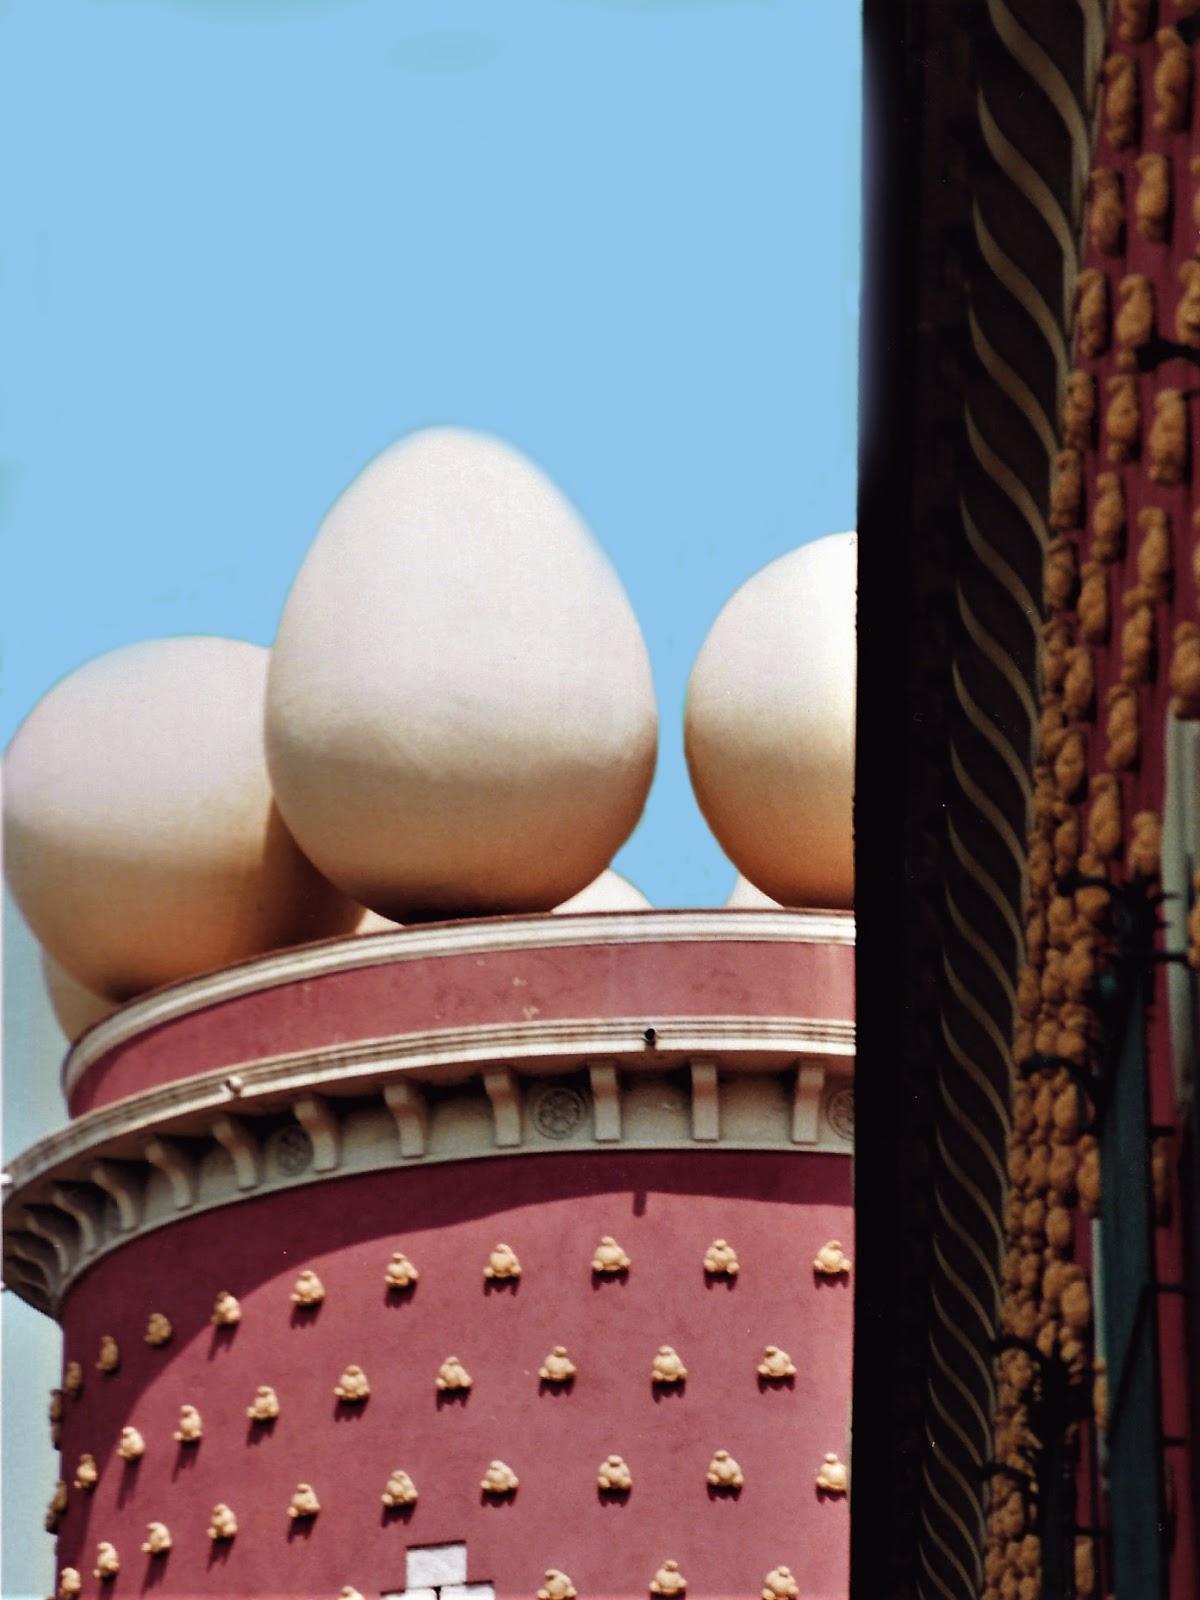 Pane e uova decorano il Teatro-Museo